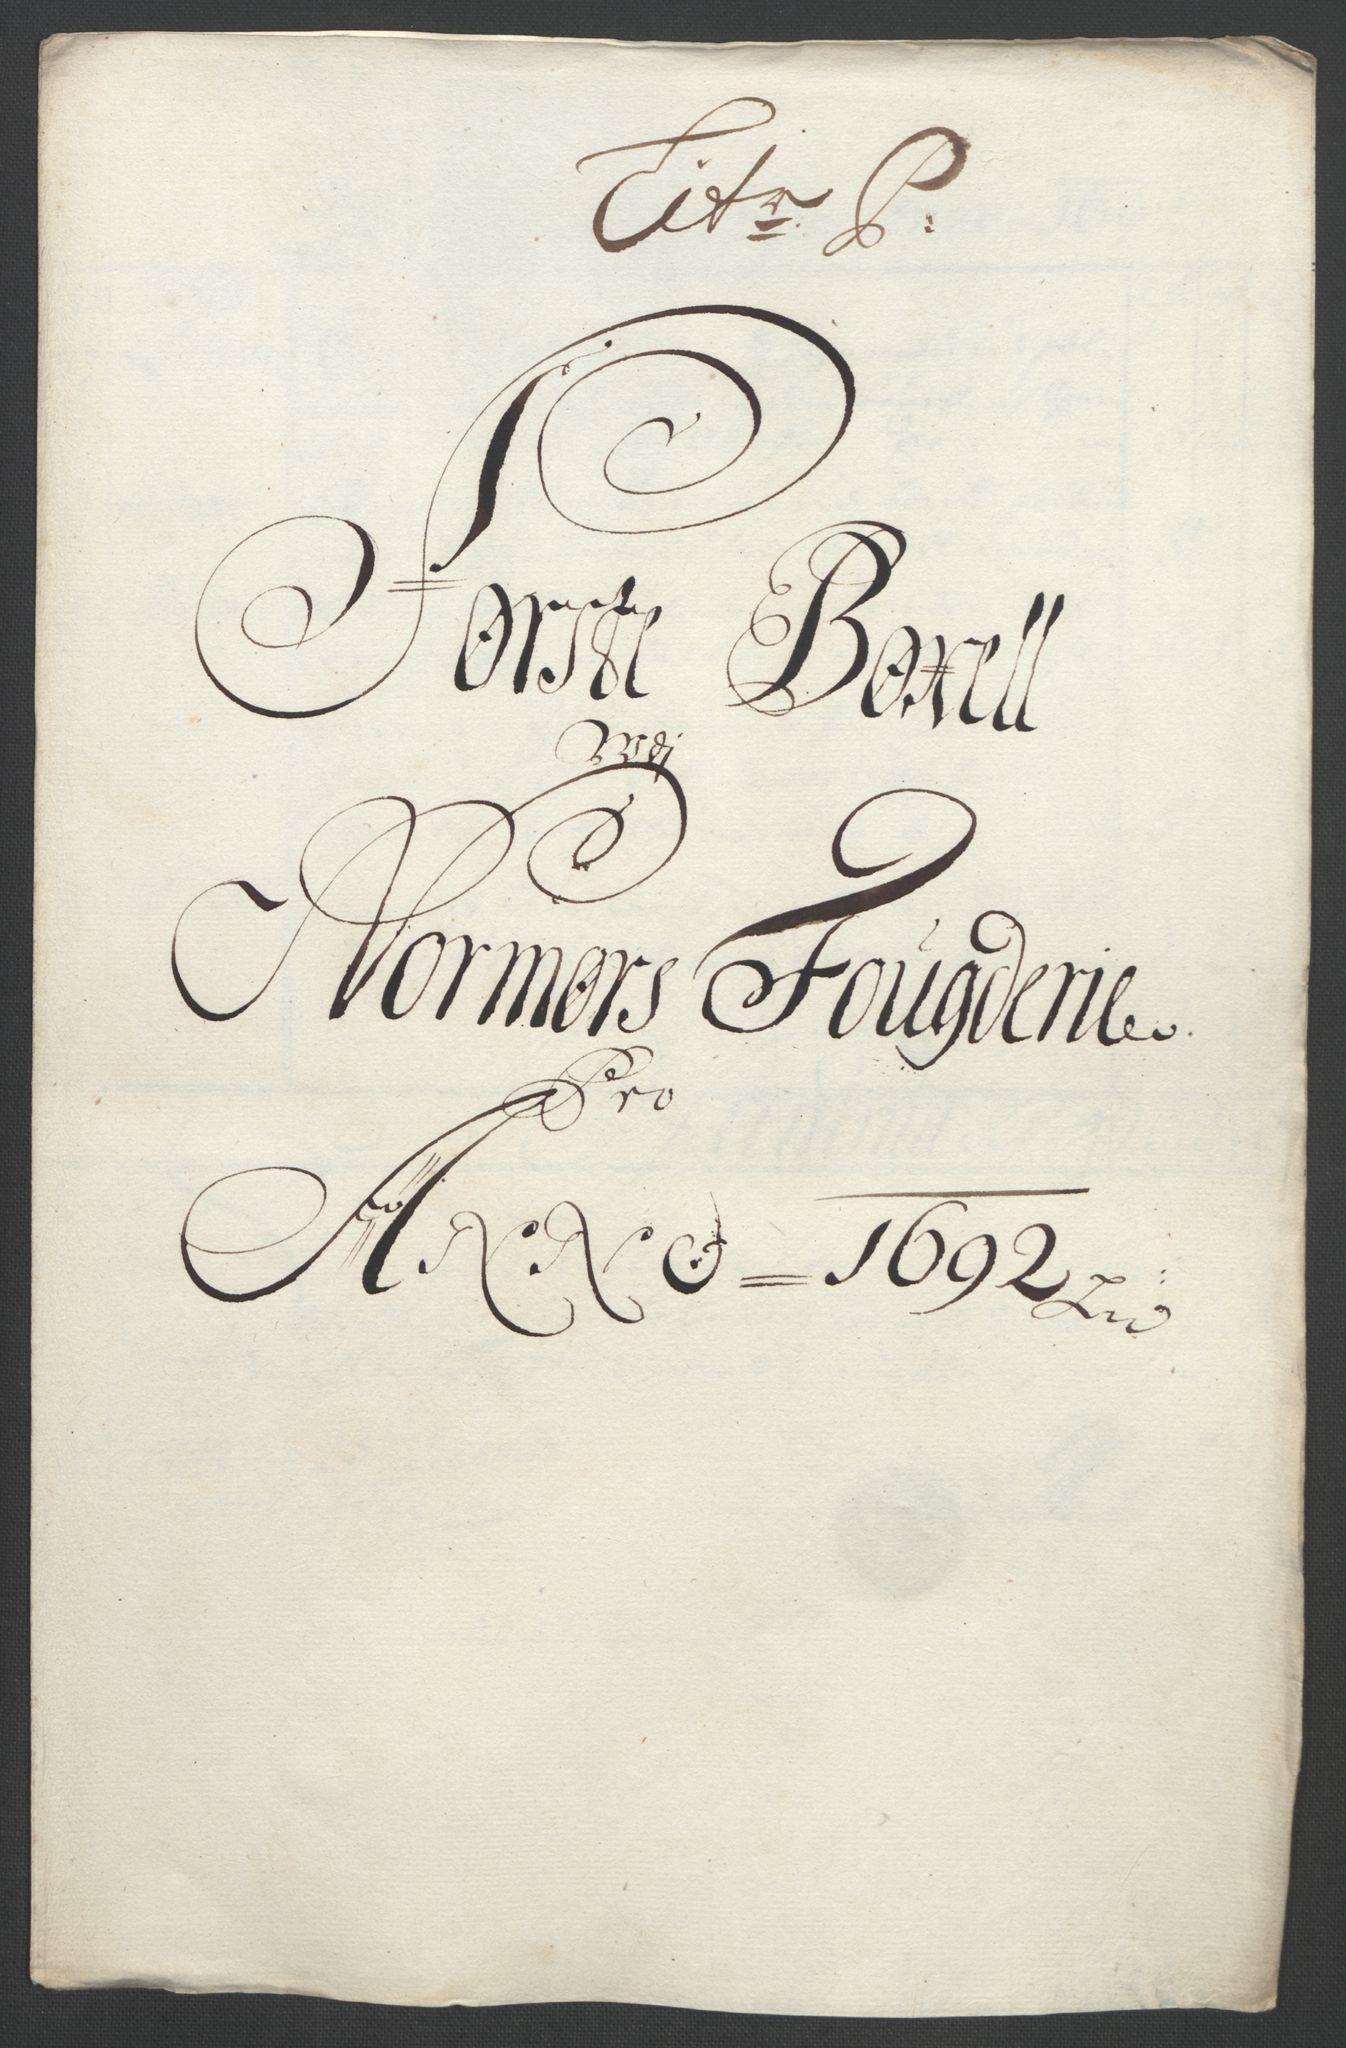 RA, Rentekammeret inntil 1814, Reviderte regnskaper, Fogderegnskap, R56/L3735: Fogderegnskap Nordmøre, 1692-1693, s. 169